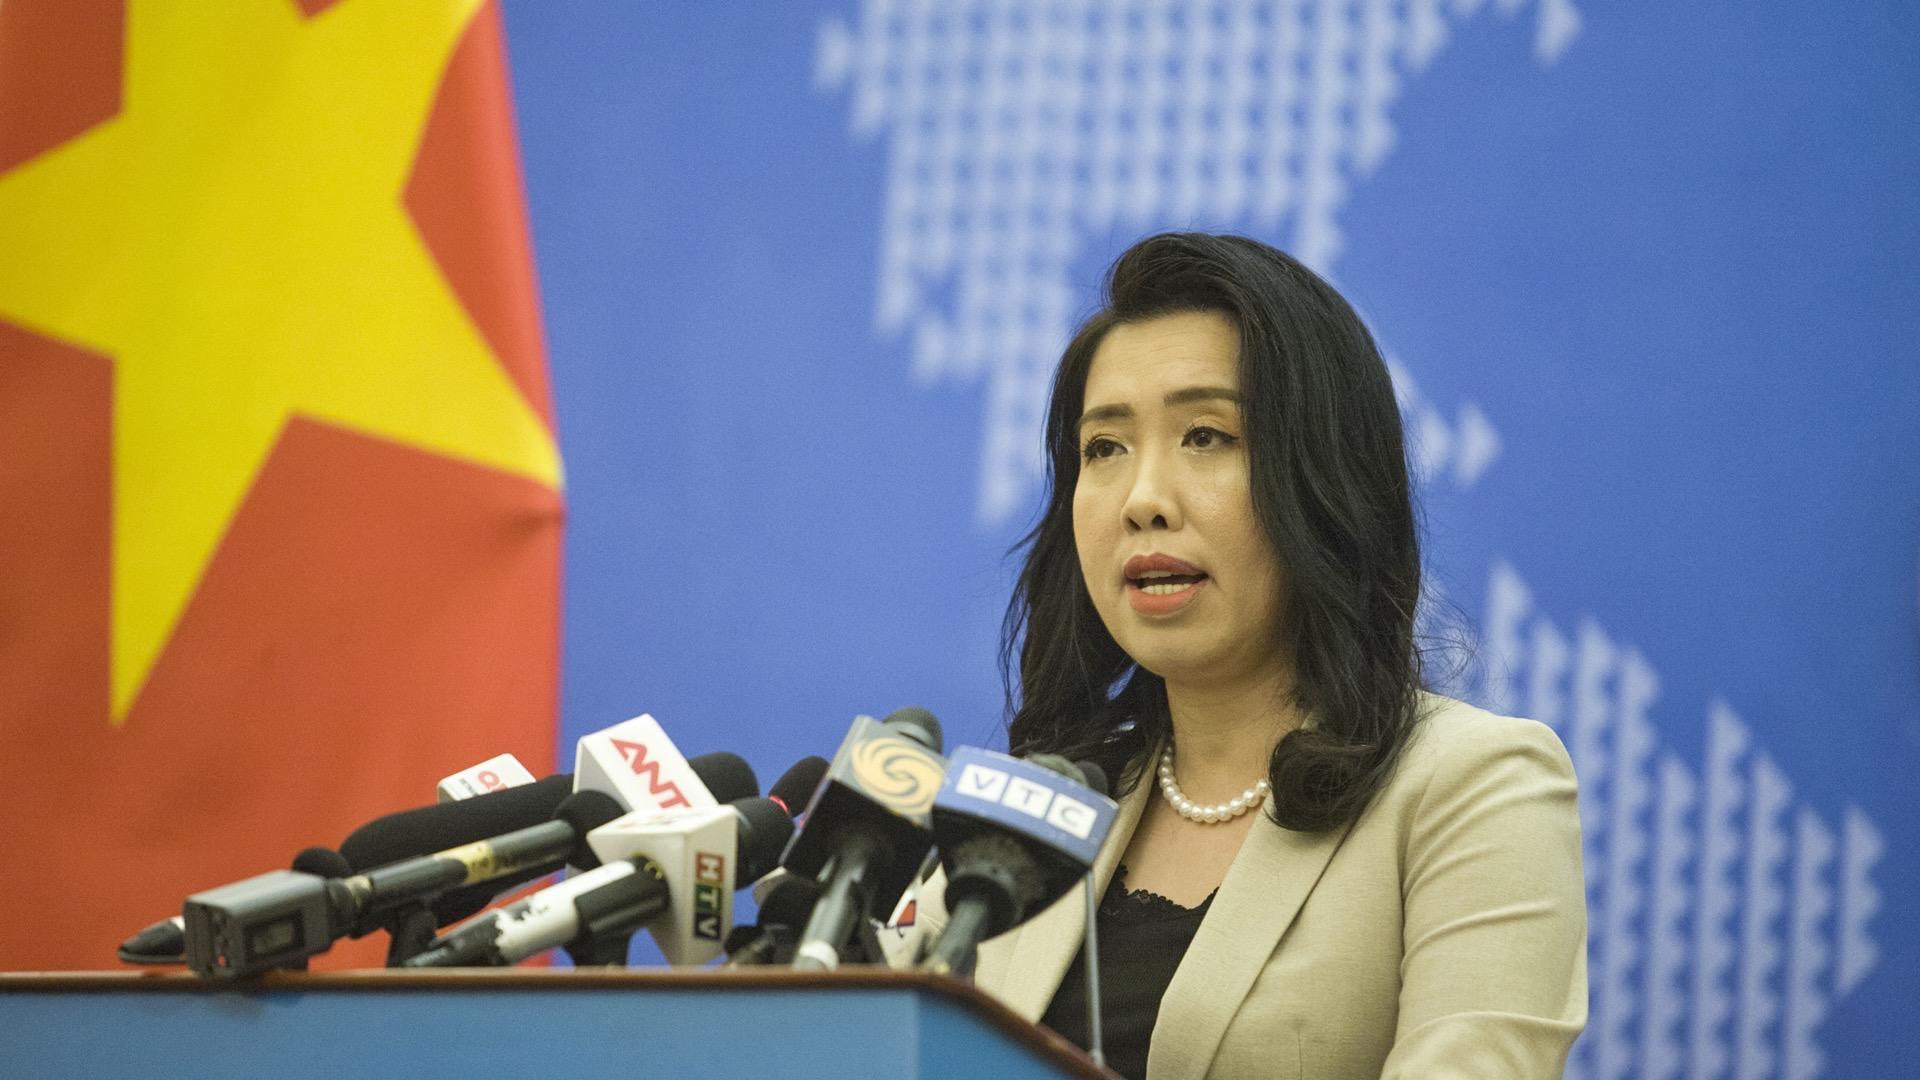 越南坚决维护本国在东海的主权和合法权益